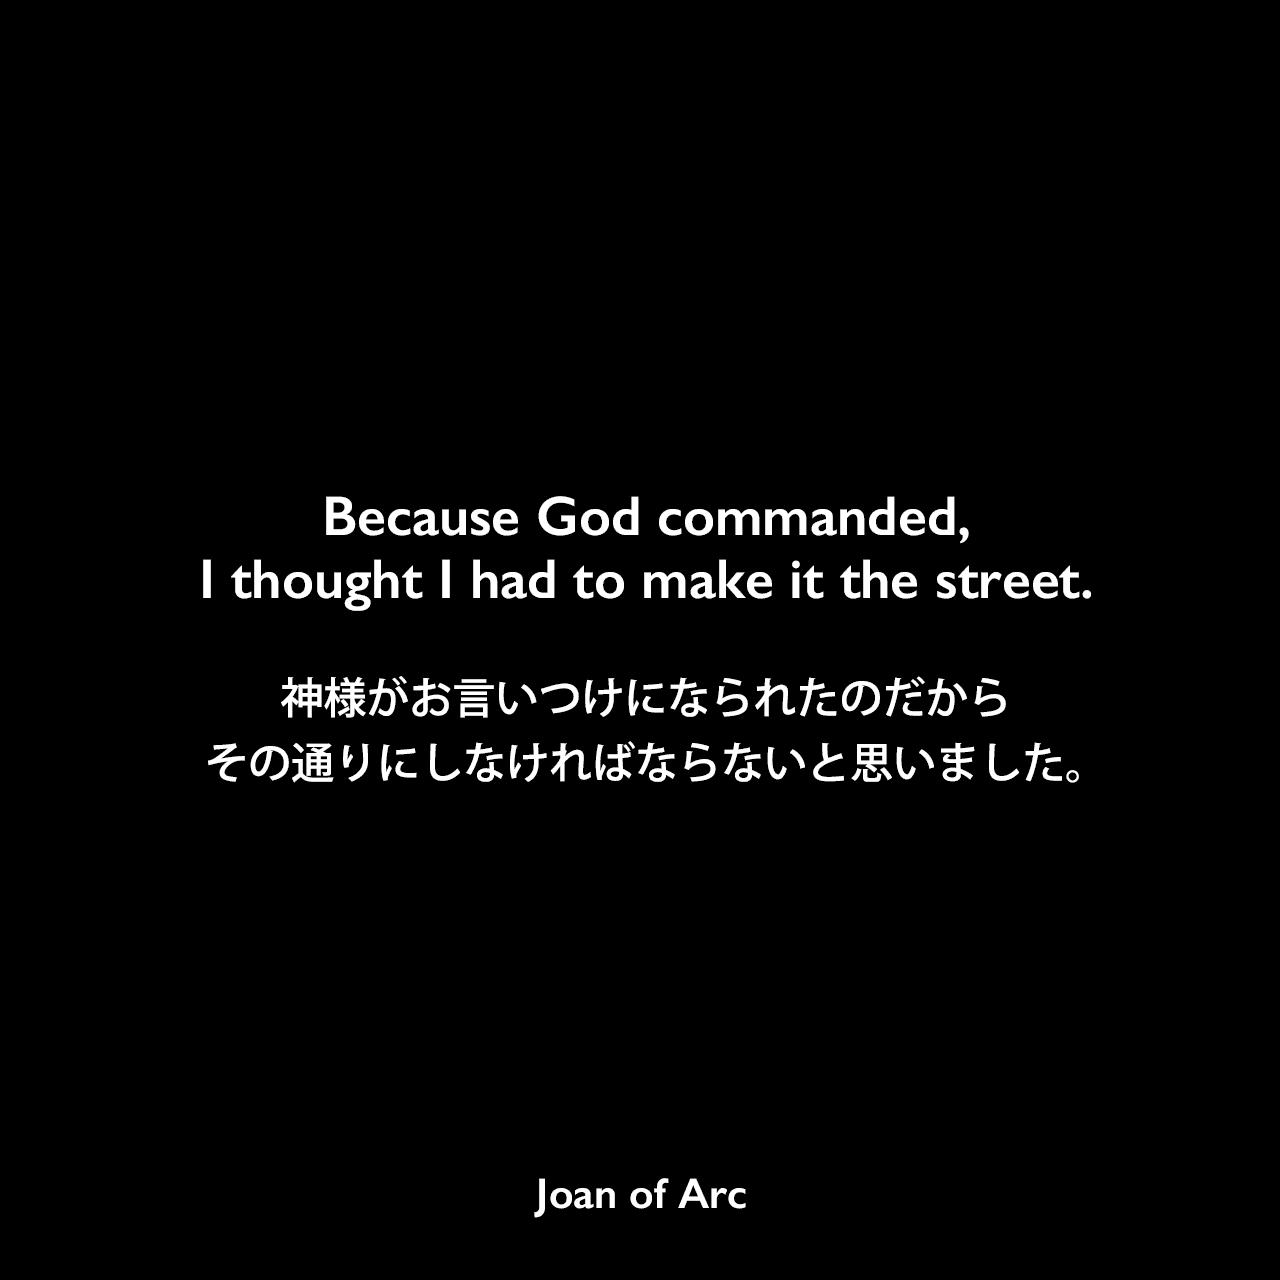 Because God commanded, I thought I had to make it the street.神様がお言いつけになられたのだから、その通りにしなければならないと思いました。Joan of Arc